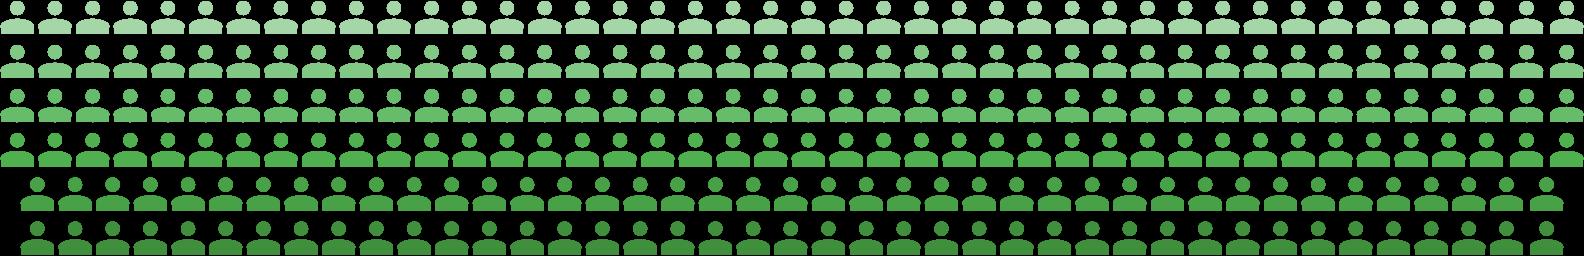 250 Participants